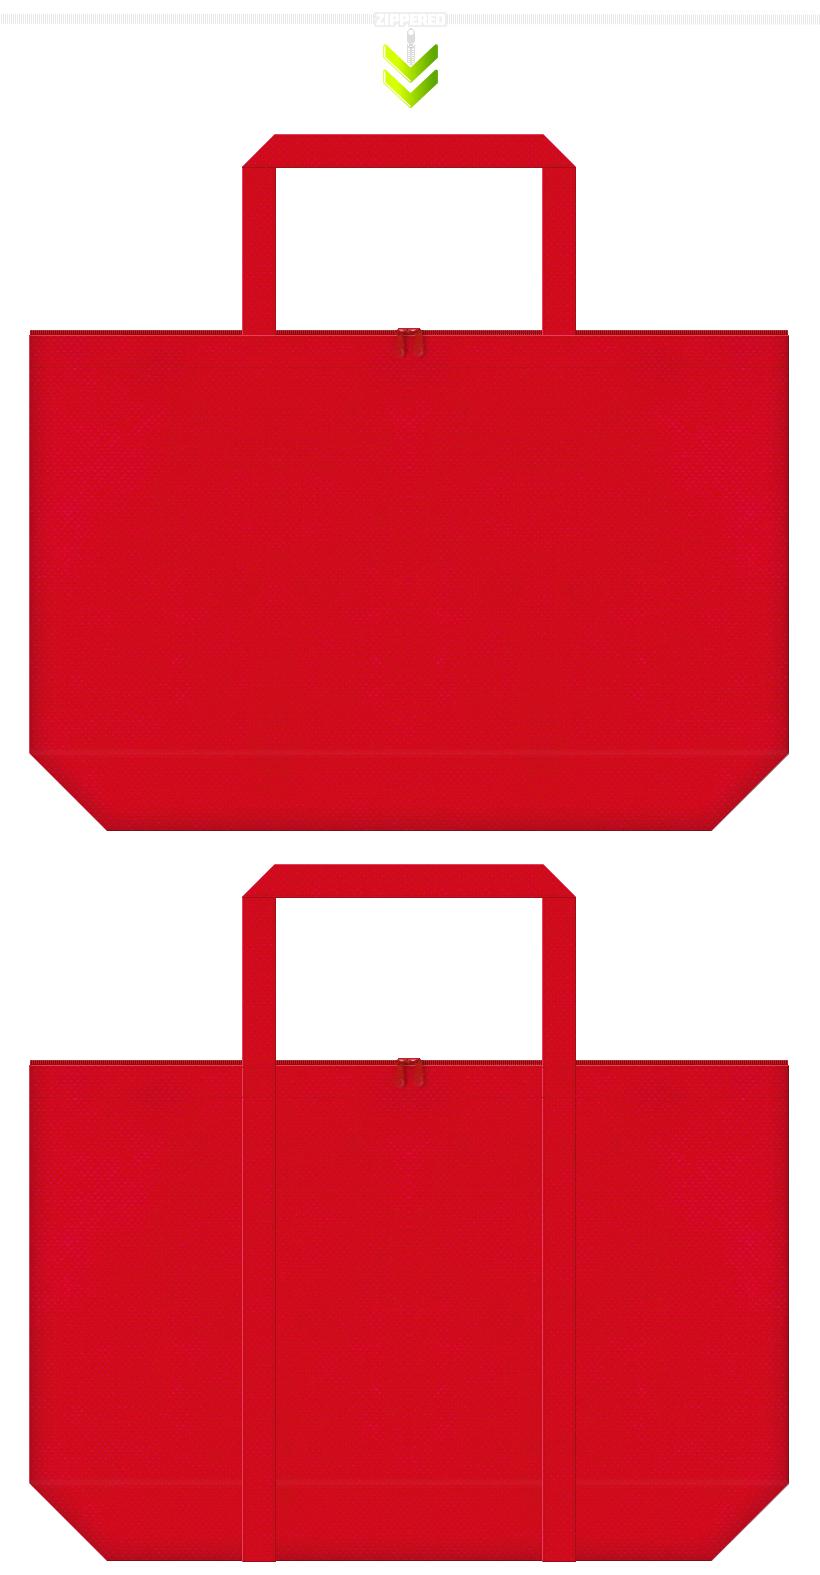 ファスナー付きの紅色不織布バッグ:スポーツバッグ、クリスマスセール、福袋にお奨めです。